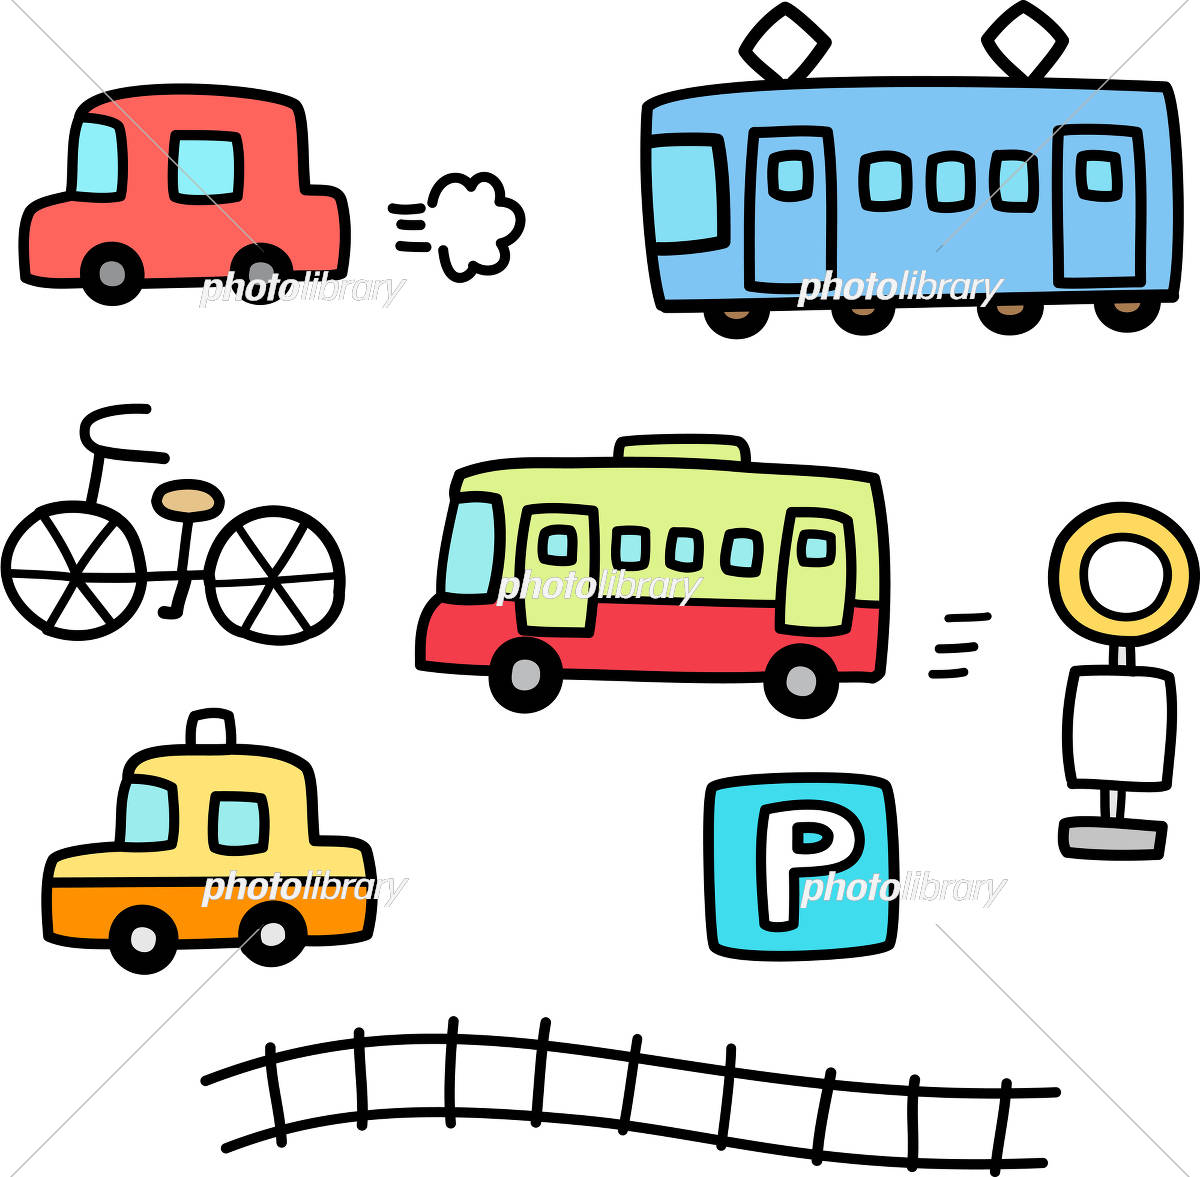 車と電車の手書きイラストセット イラスト素材 [ 5516952 ] - フォト